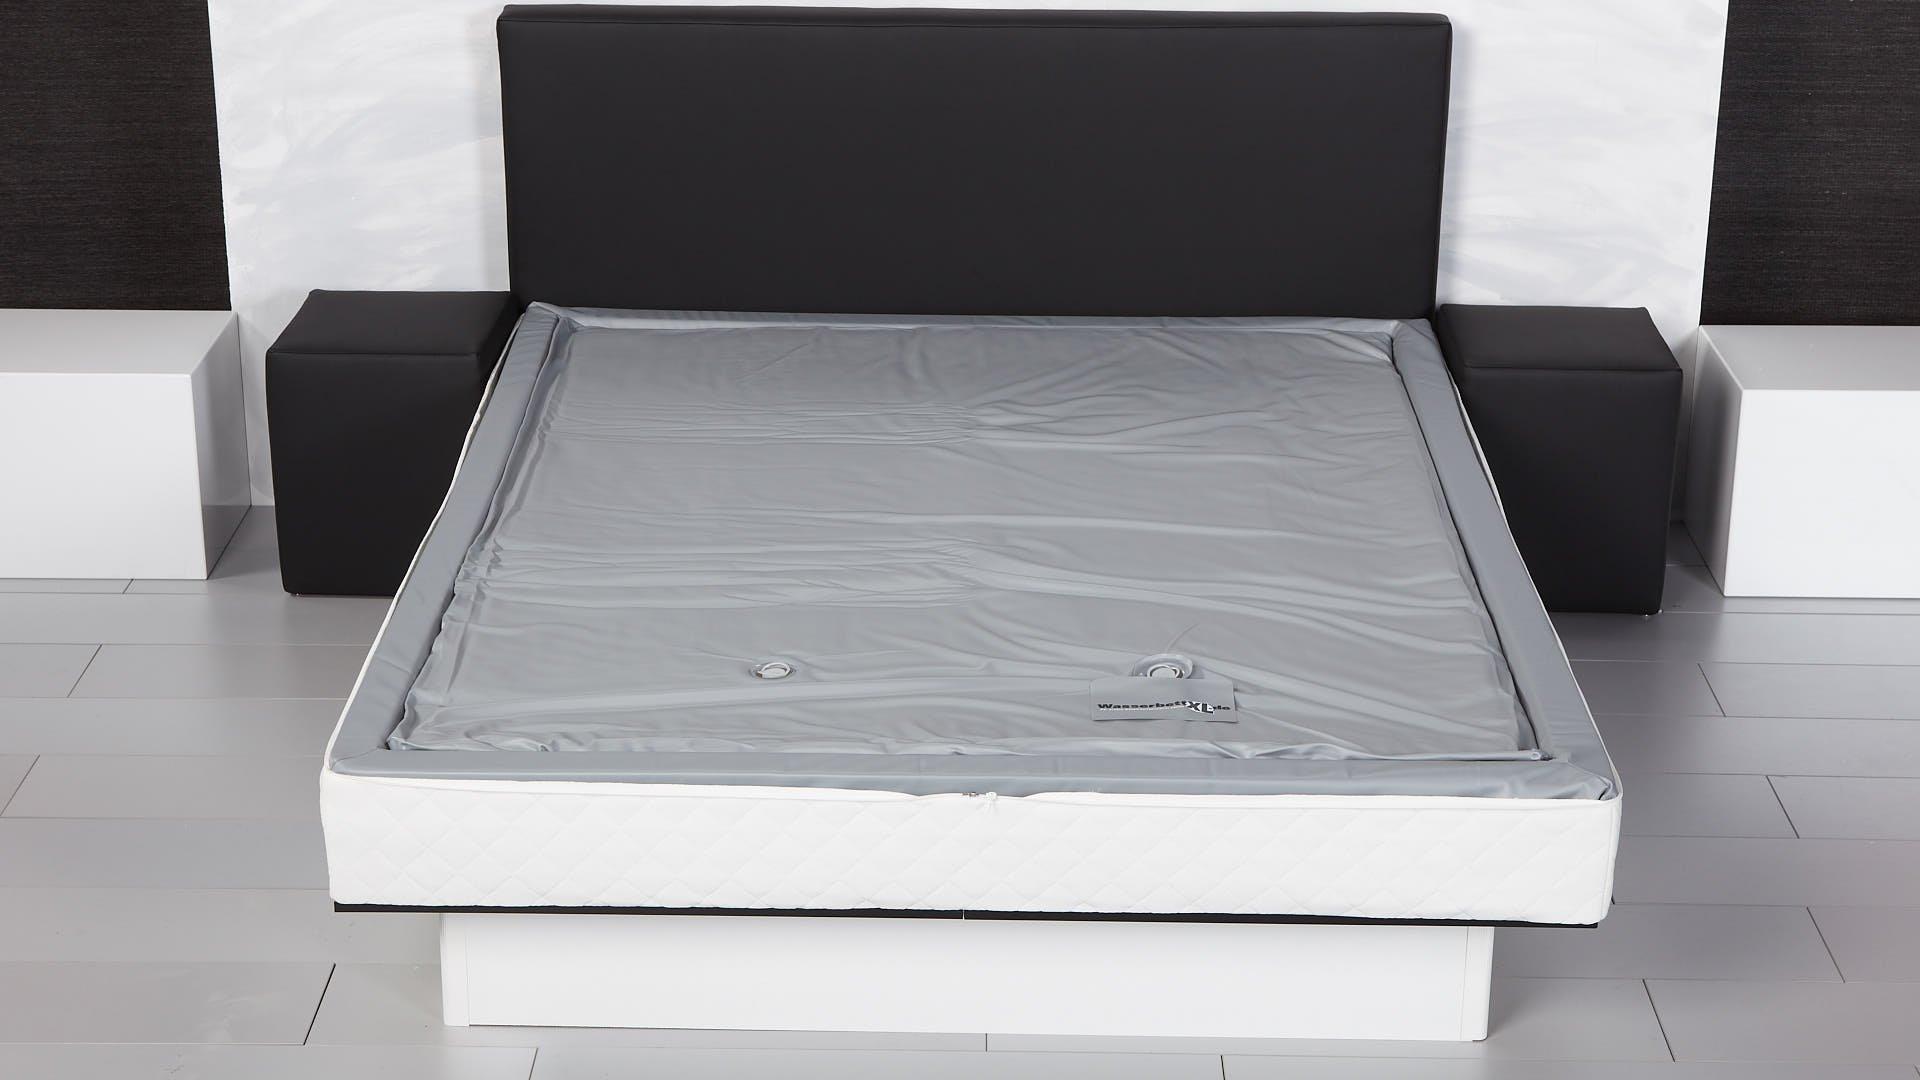 Mono-Wassermatratze auf Wasserbett